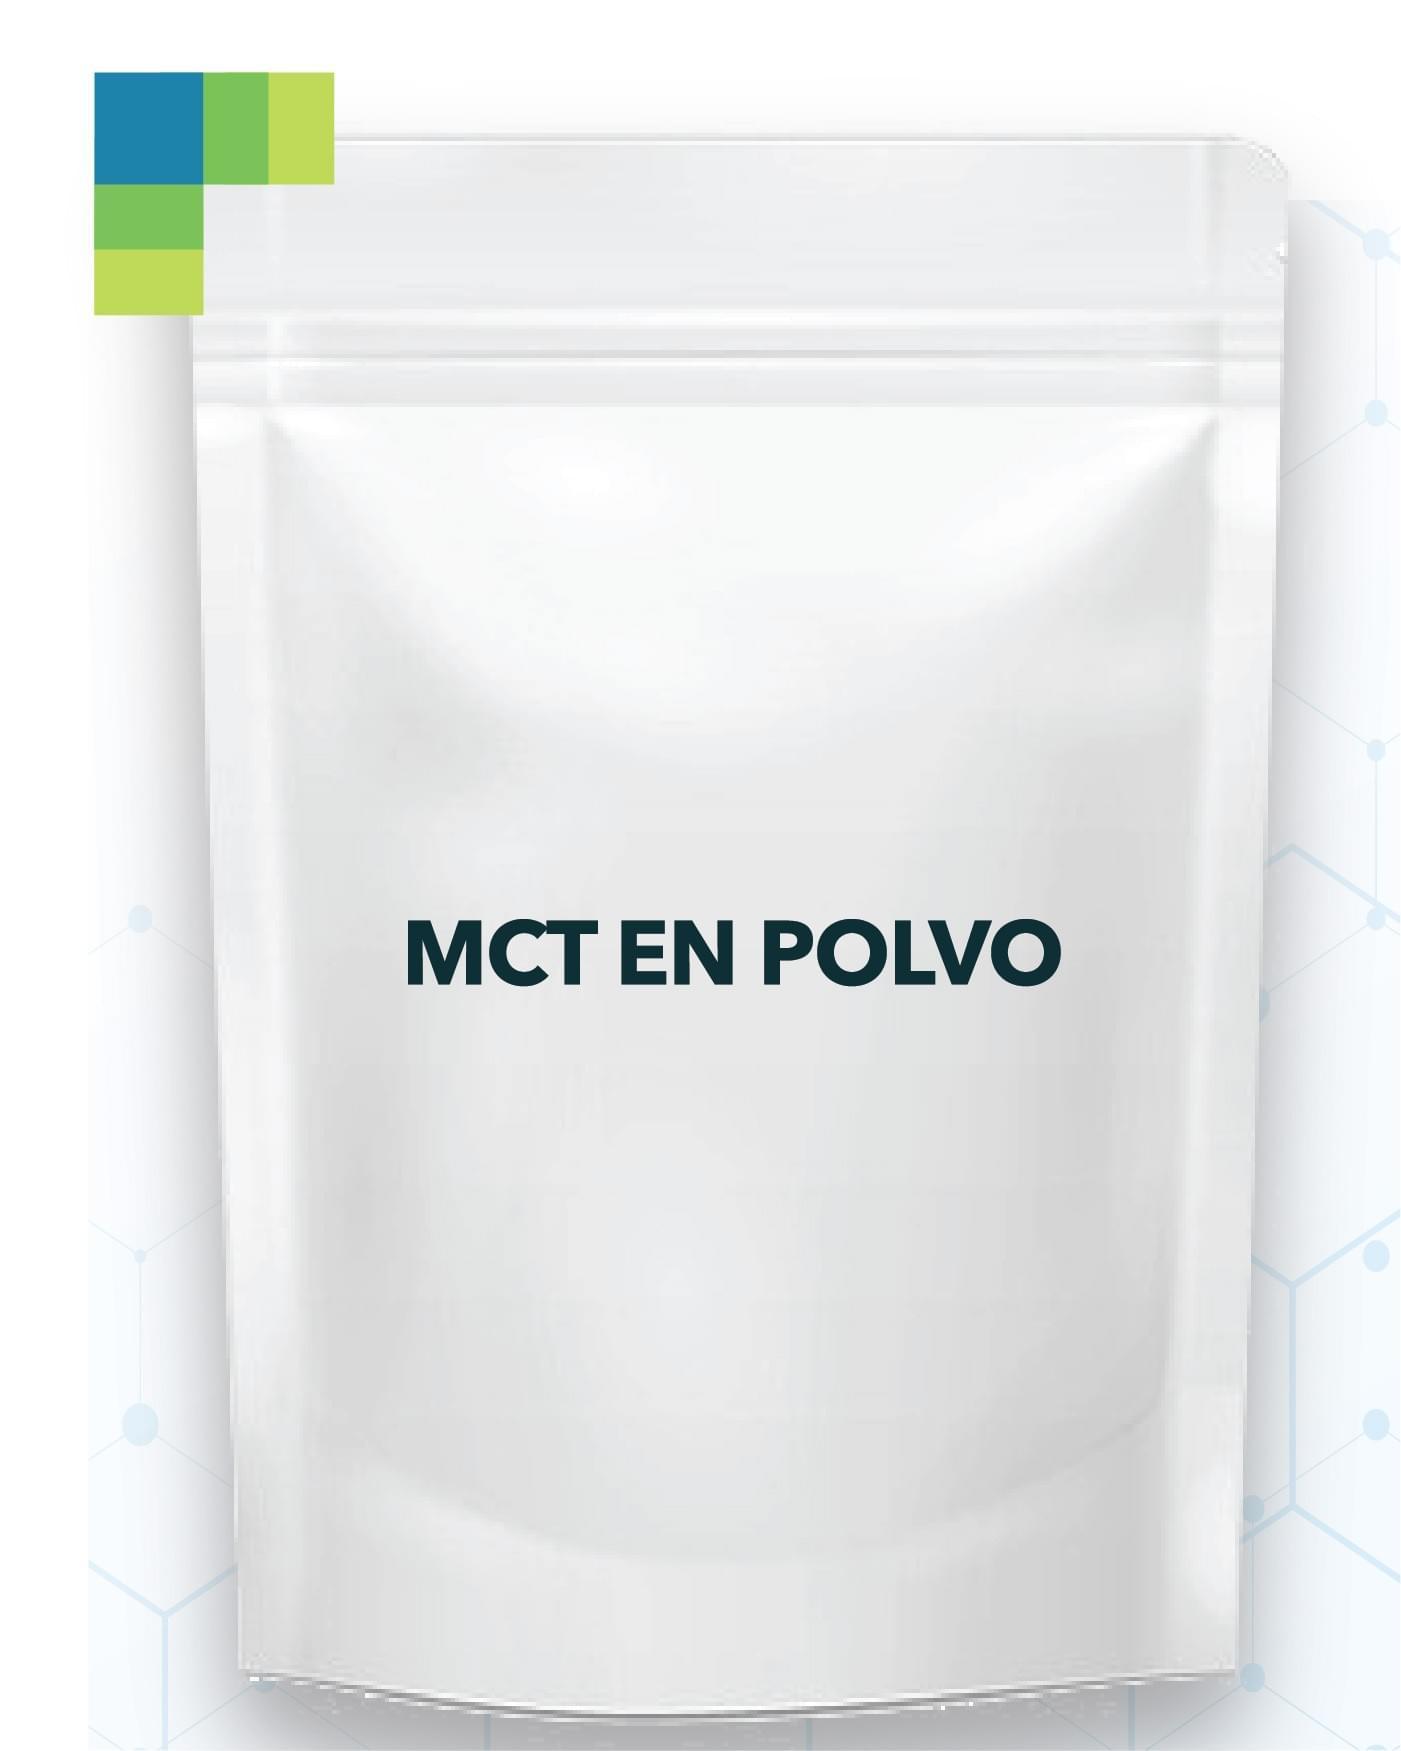 MCT EN POLVO 1/2 kg / 10 Piezas